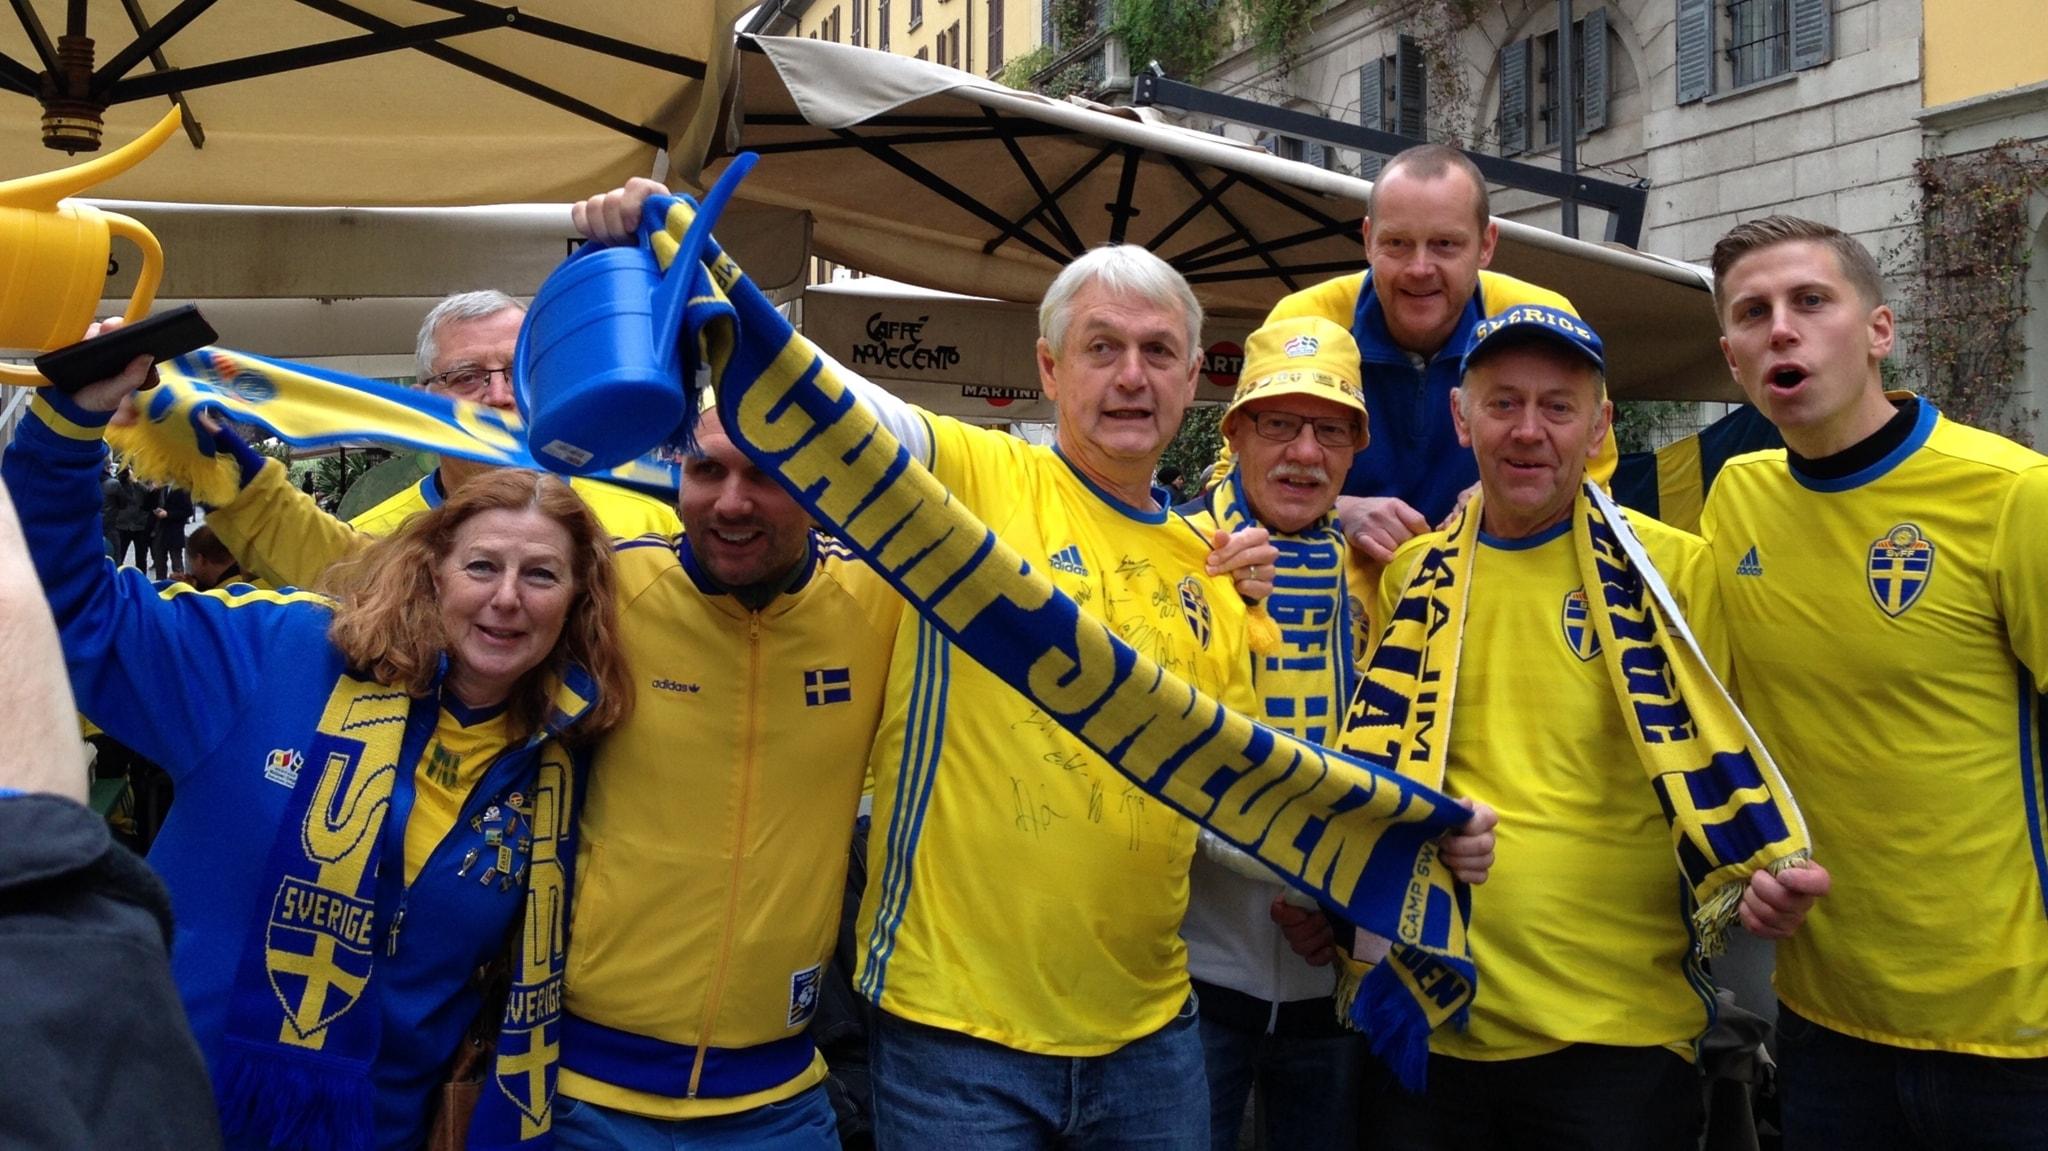 Joakim såg matchen på plats i Milano och vi träffar julklappshjältar i Moheda